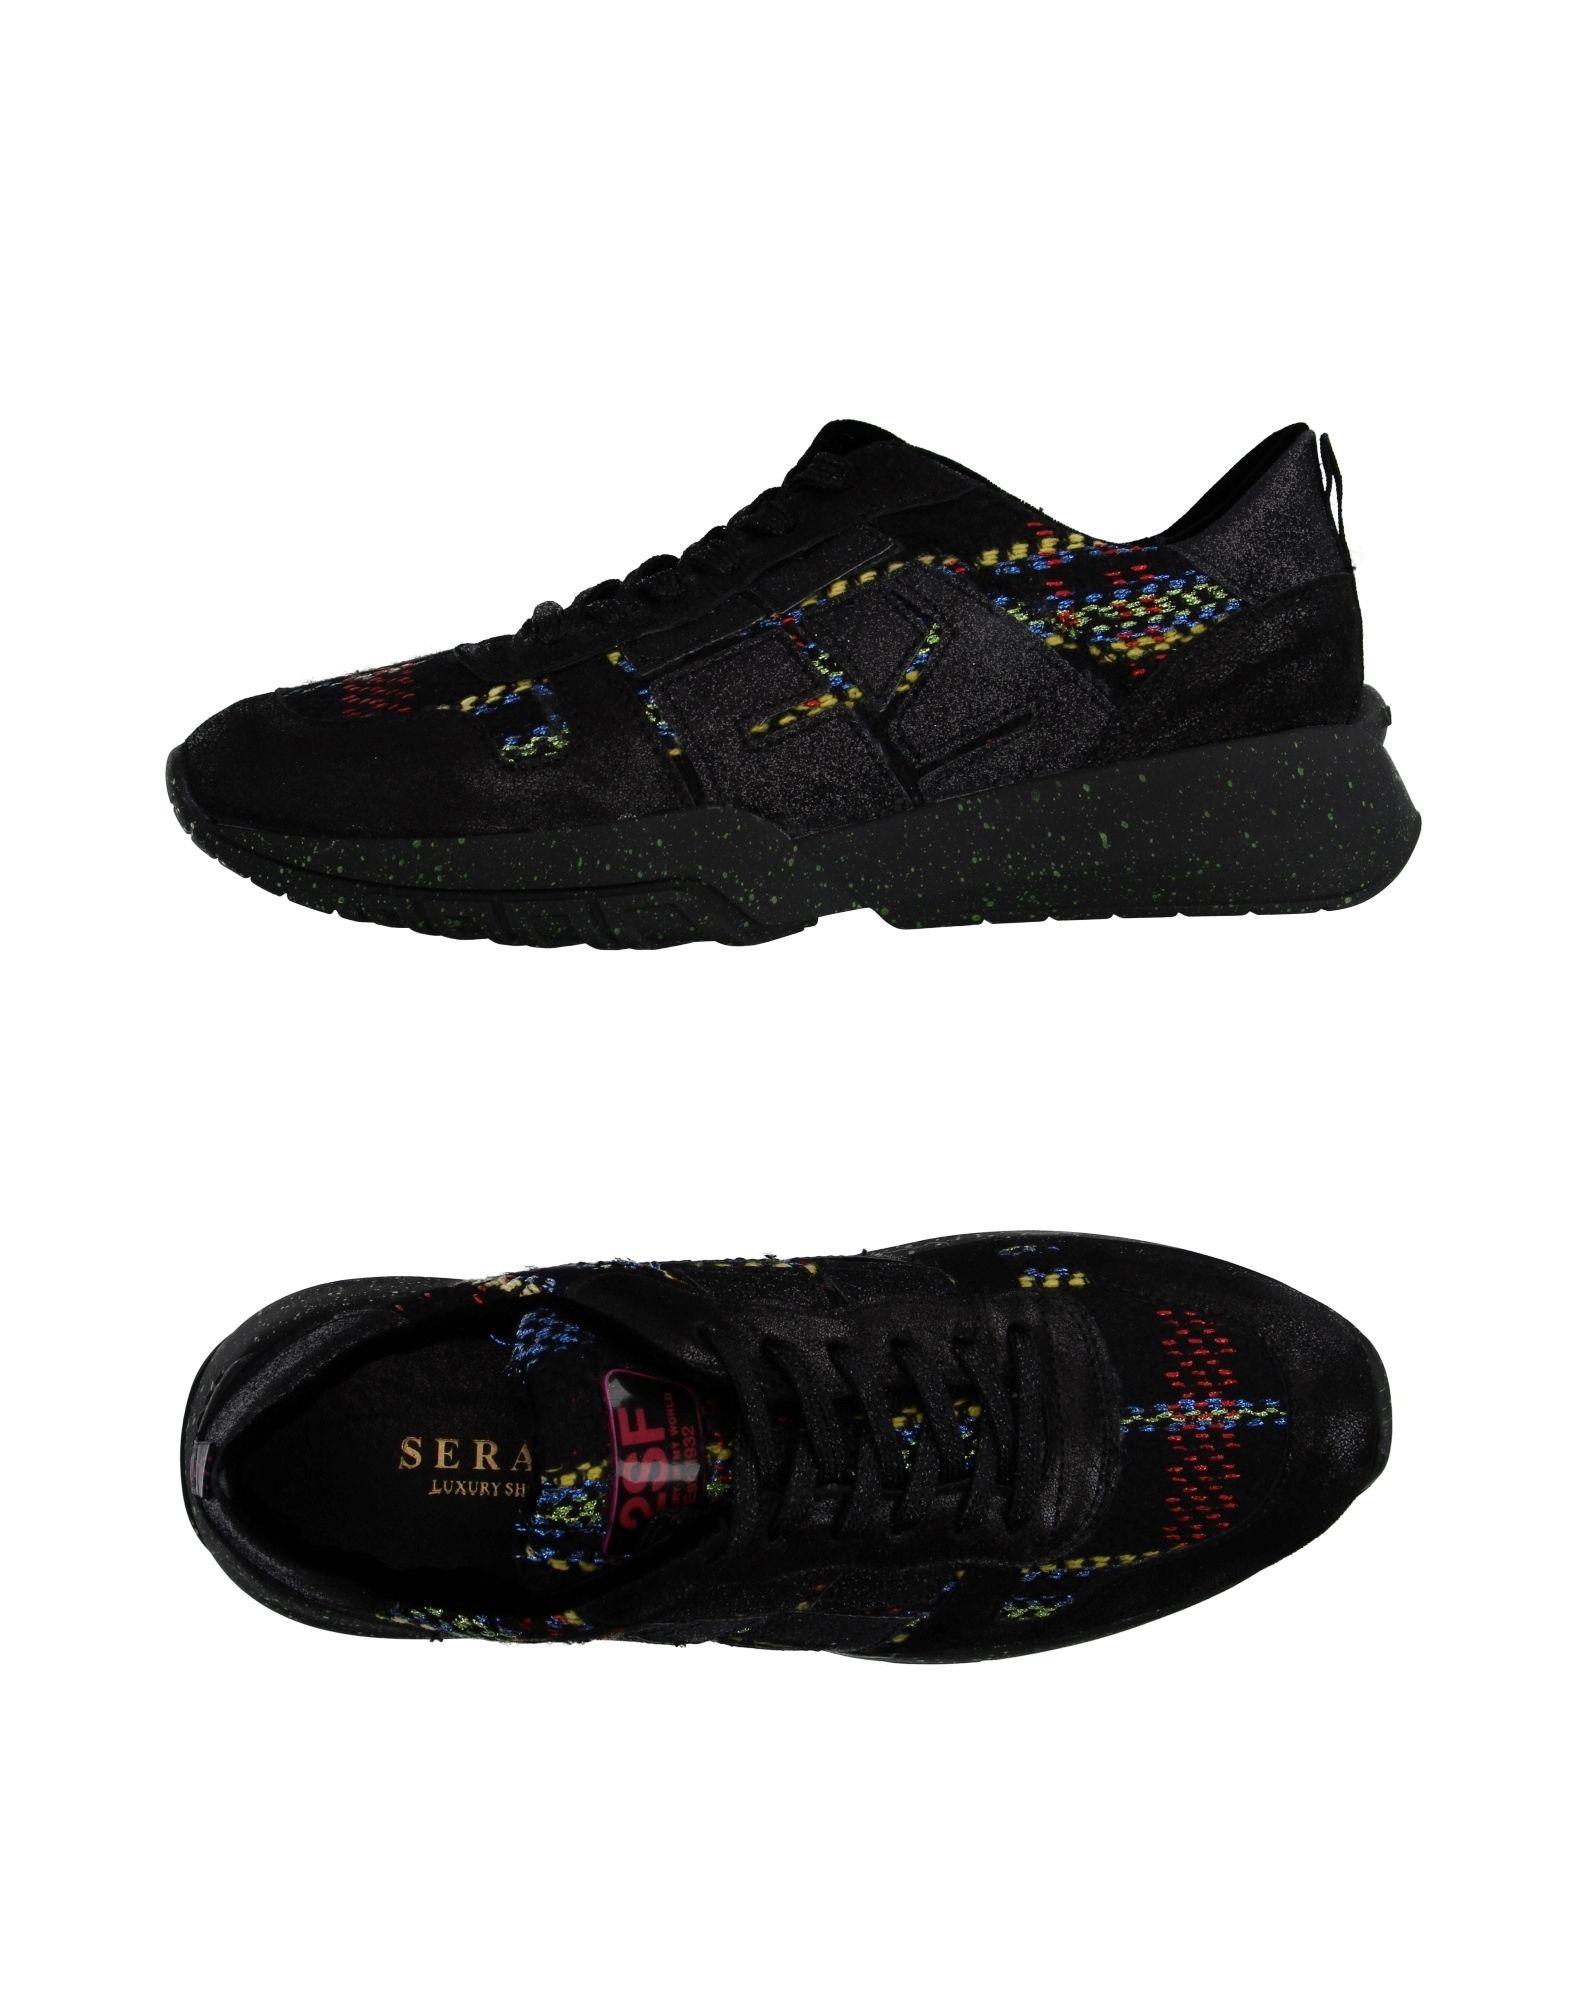 SERAFINI Sneakers in Black